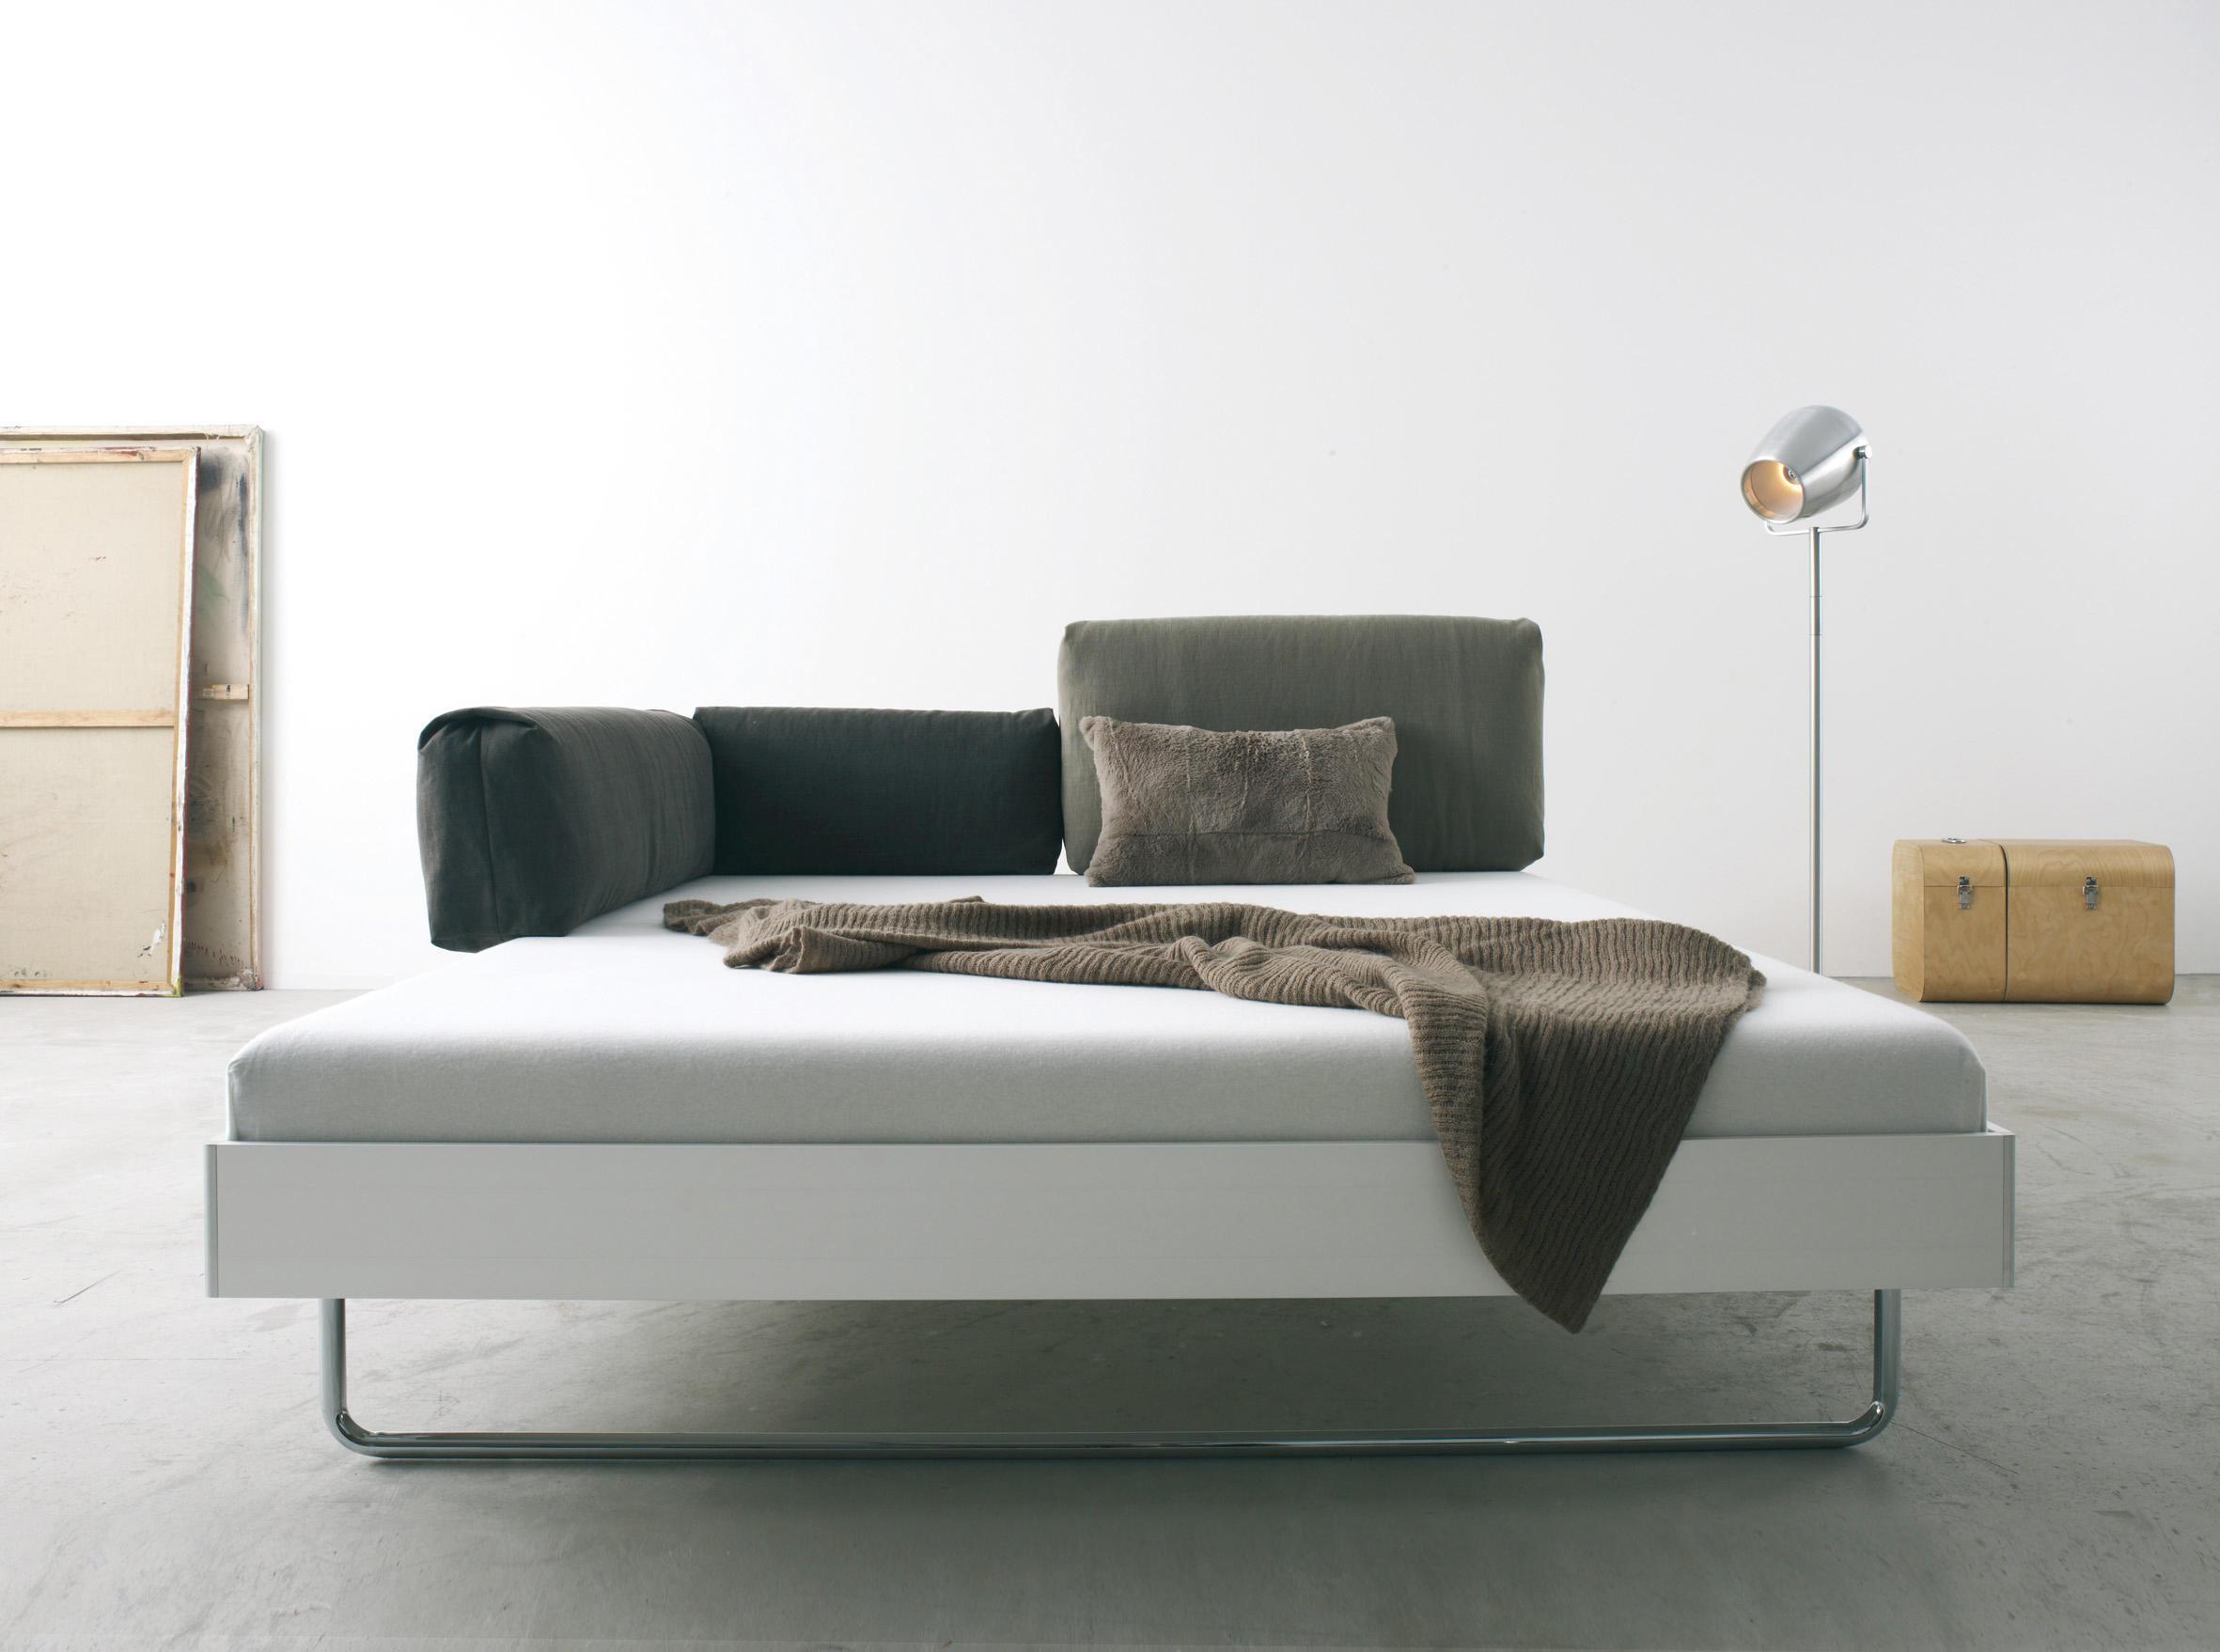 nova bett doppelbetten von more architonic. Black Bedroom Furniture Sets. Home Design Ideas